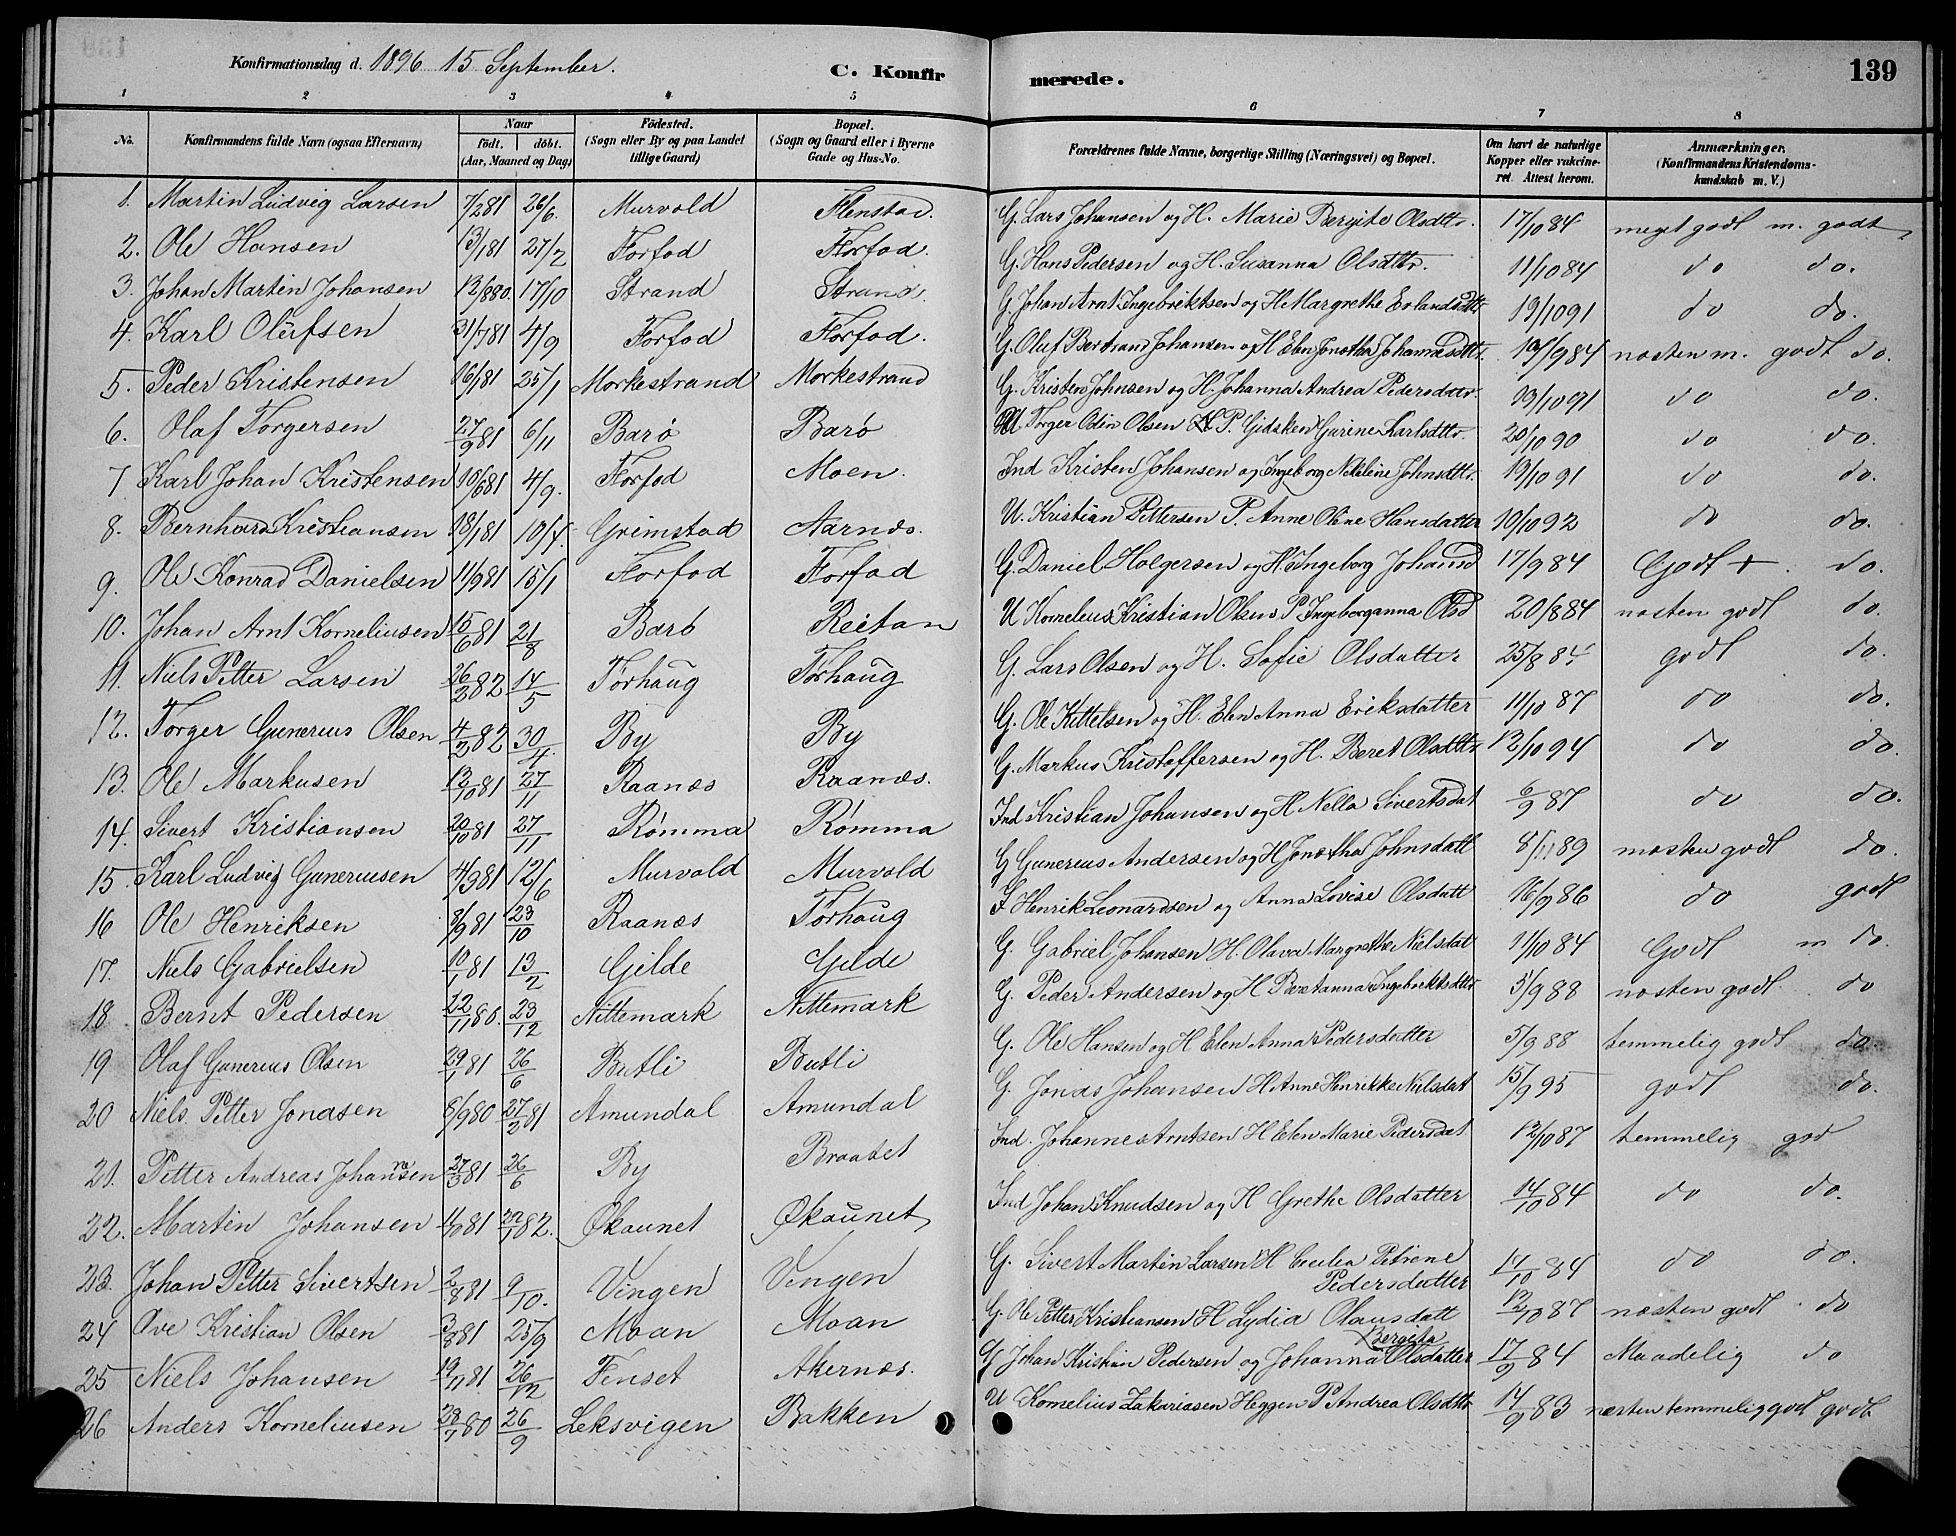 SAT, Ministerialprotokoller, klokkerbøker og fødselsregistre - Sør-Trøndelag, 655/L0687: Klokkerbok nr. 655C03, 1880-1898, s. 139